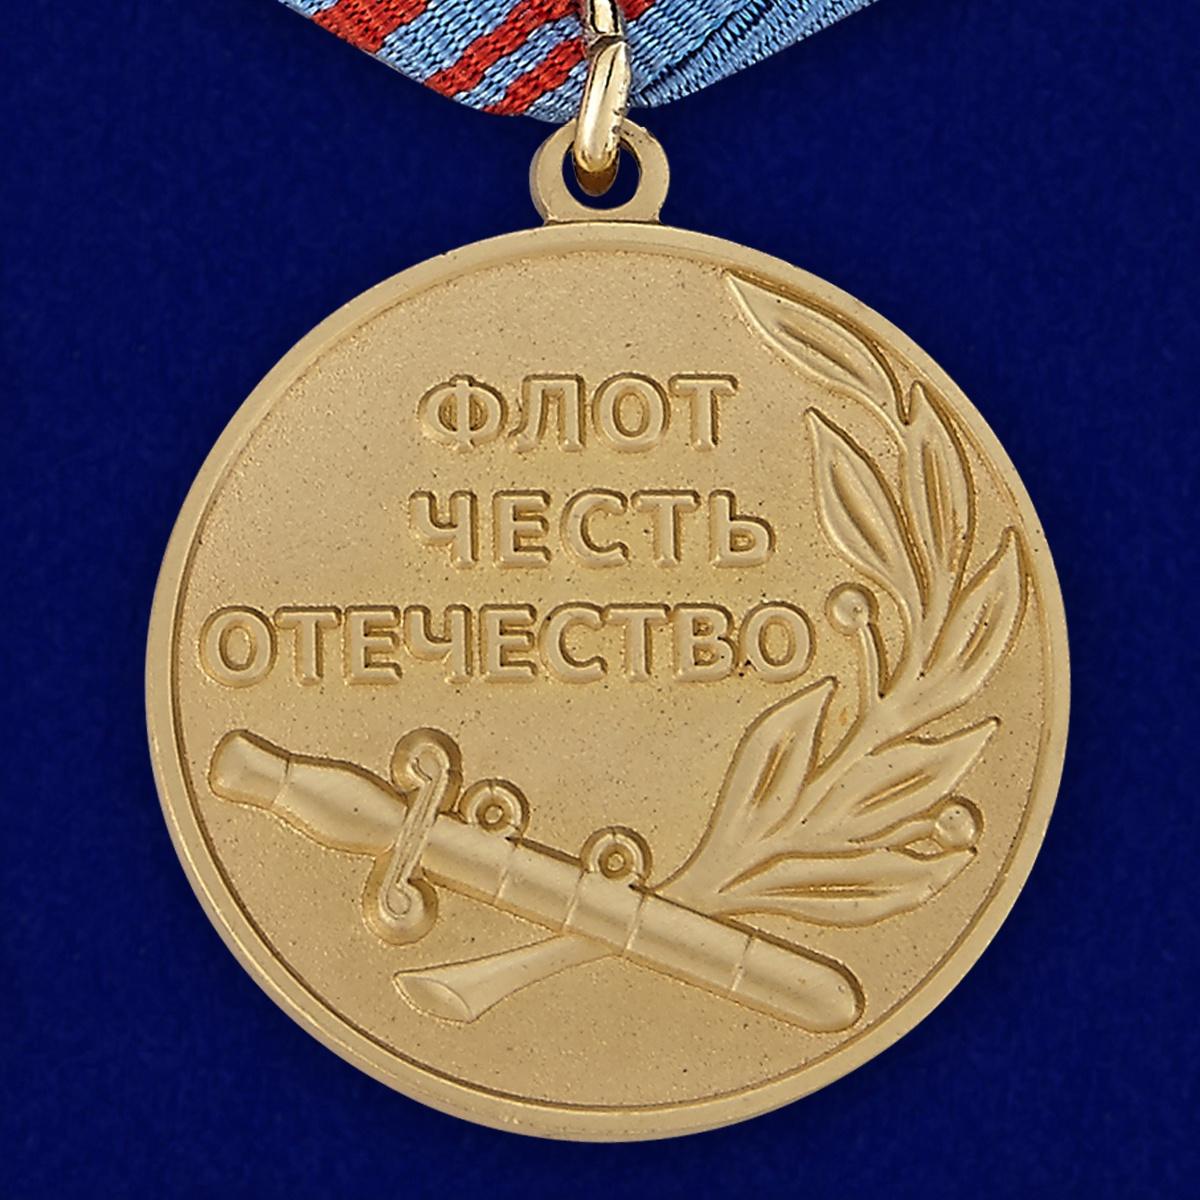 Медаль Ветерану ВМФ России в бархатистом футляре с пластиковой крышкой - купить по специальной цене